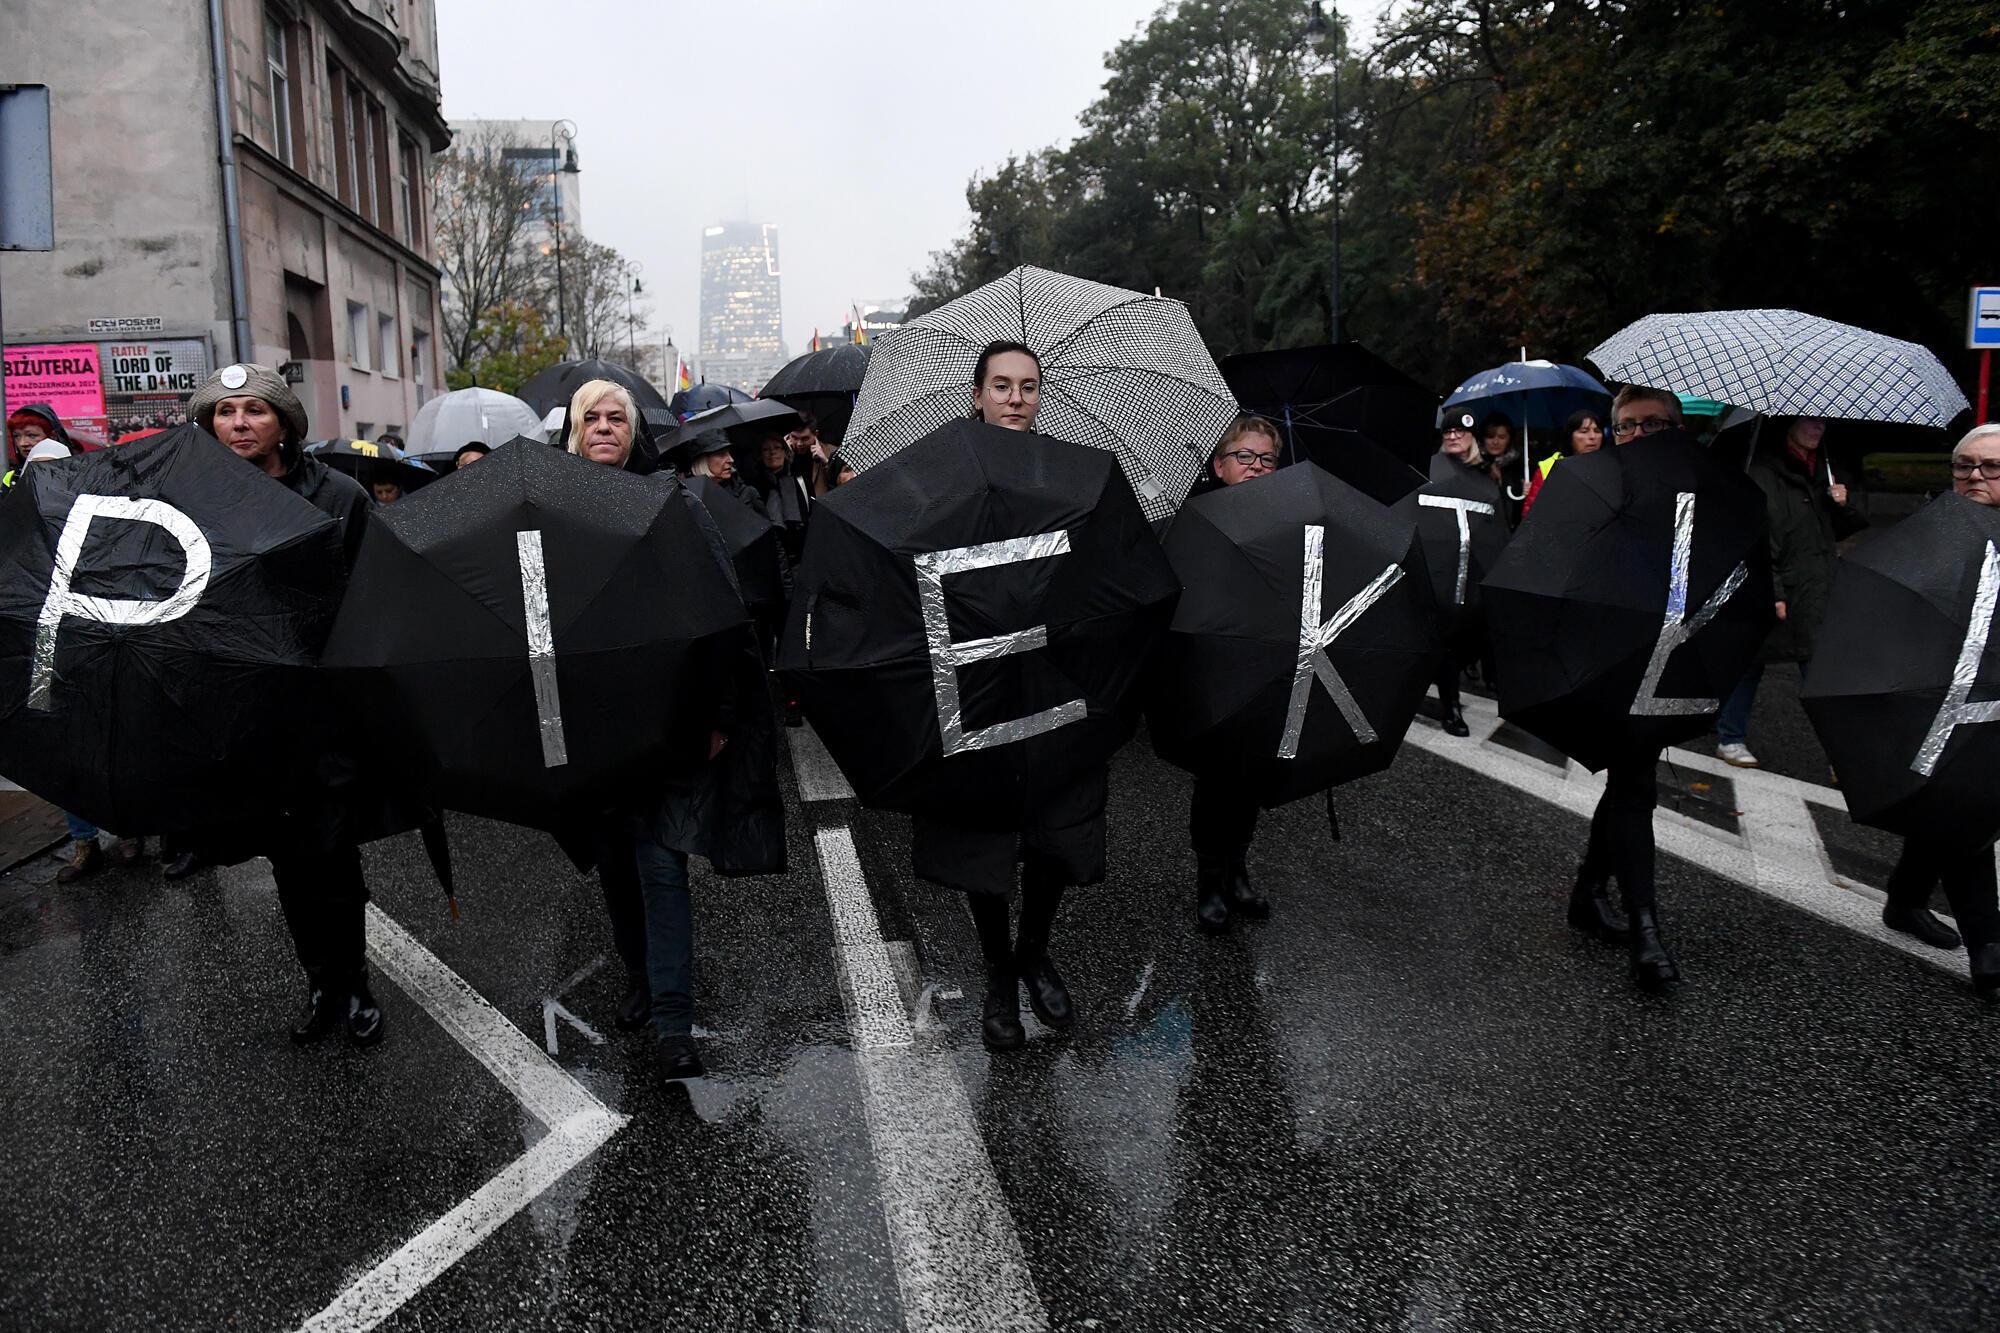 En Pologne, les manifestantes s'habillent en noir lors des manifestations pour leurs droits. Elles arborent de plus en plus leurs opinions sur leurs vêtements et de jeunes créaeturs s'engagent aussi.